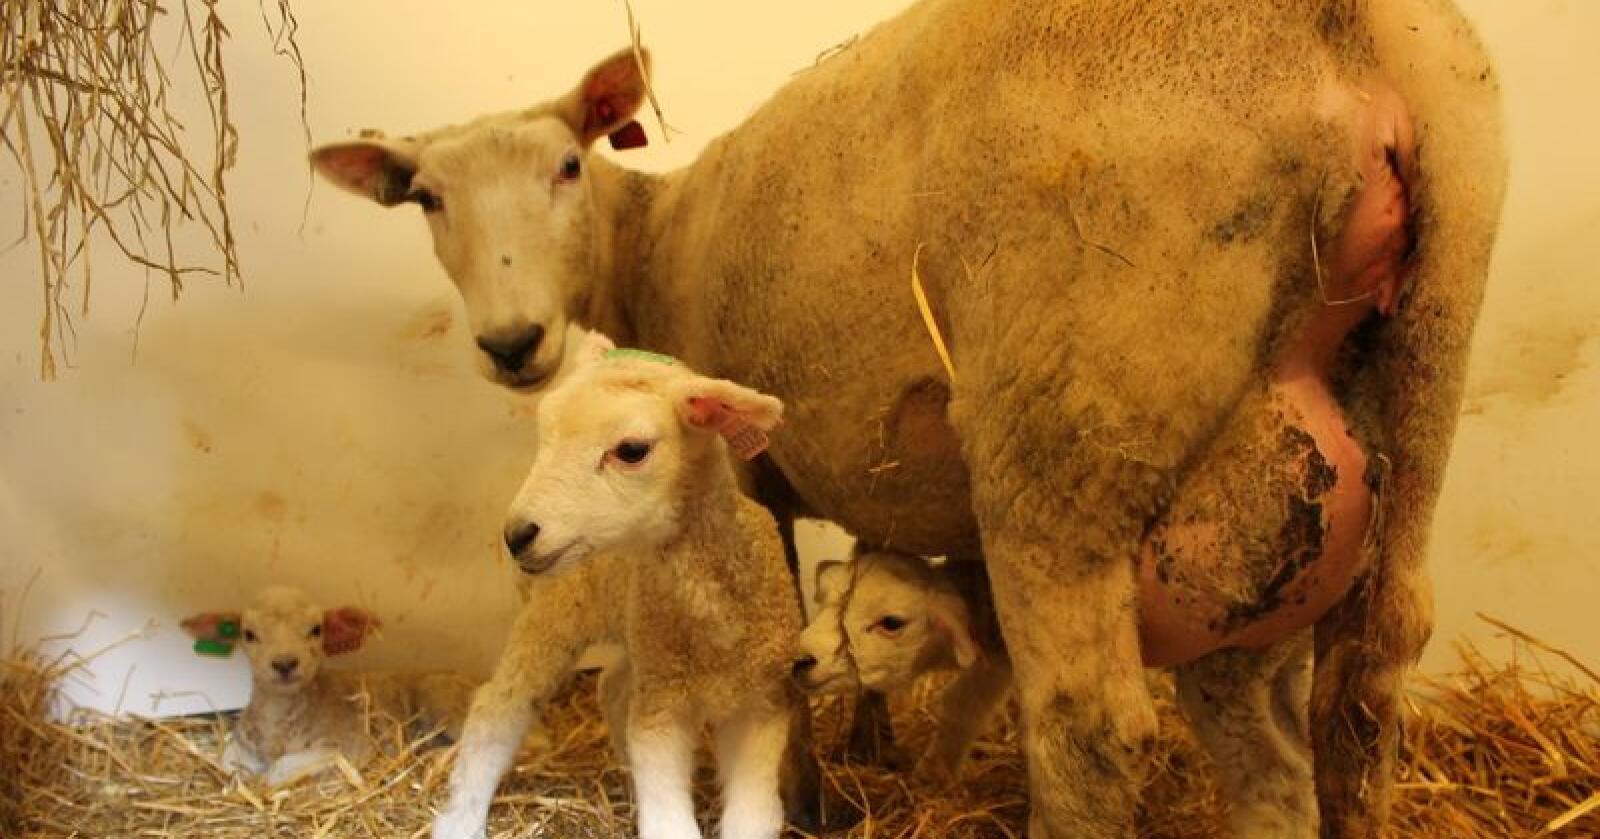 Lamming er ikke bare bare. Ta god vare på mor, lam og deg selv. Foto: Marit Glærum.